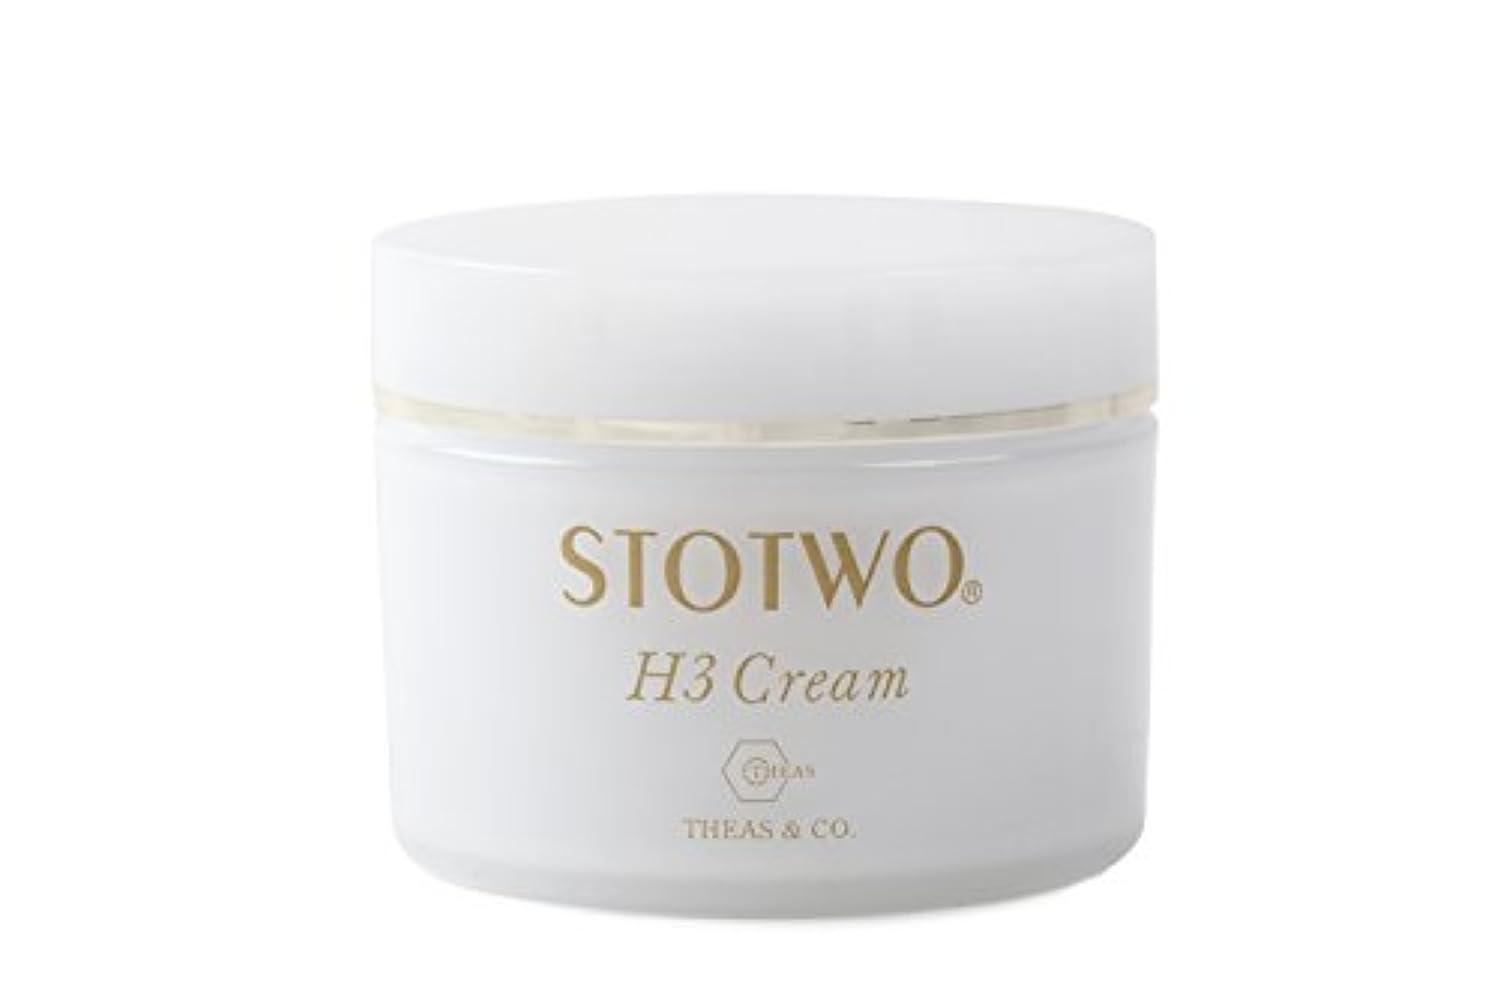 学者前者メタリックストツ(STOTWO)H3 クリームヒアルロン酸 25g